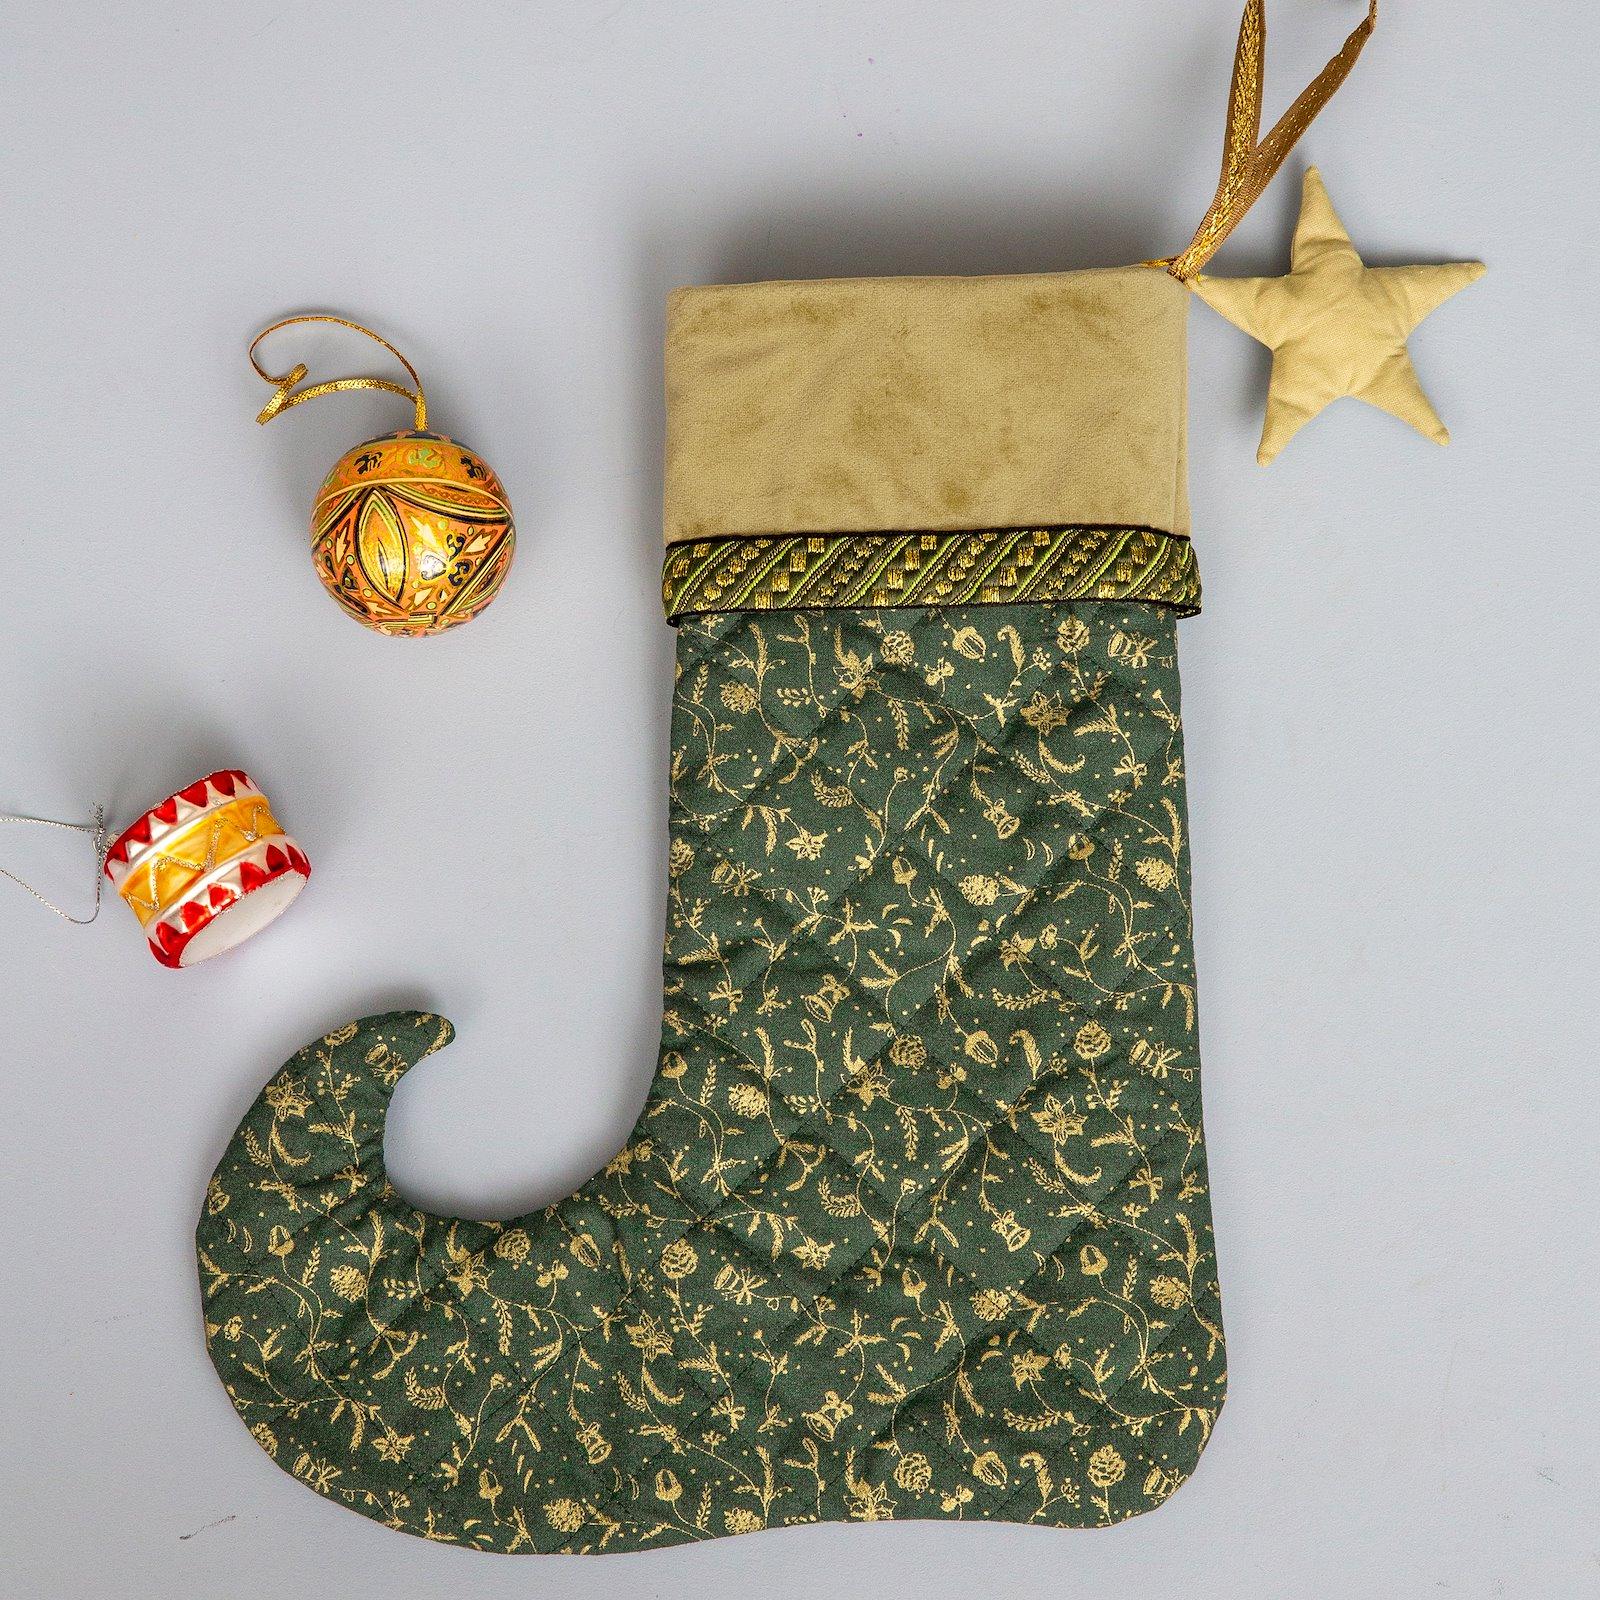 Weihnachtssocke und Herz p90311_790140_824166_22335_22288_p90333_4221_35290_sskit